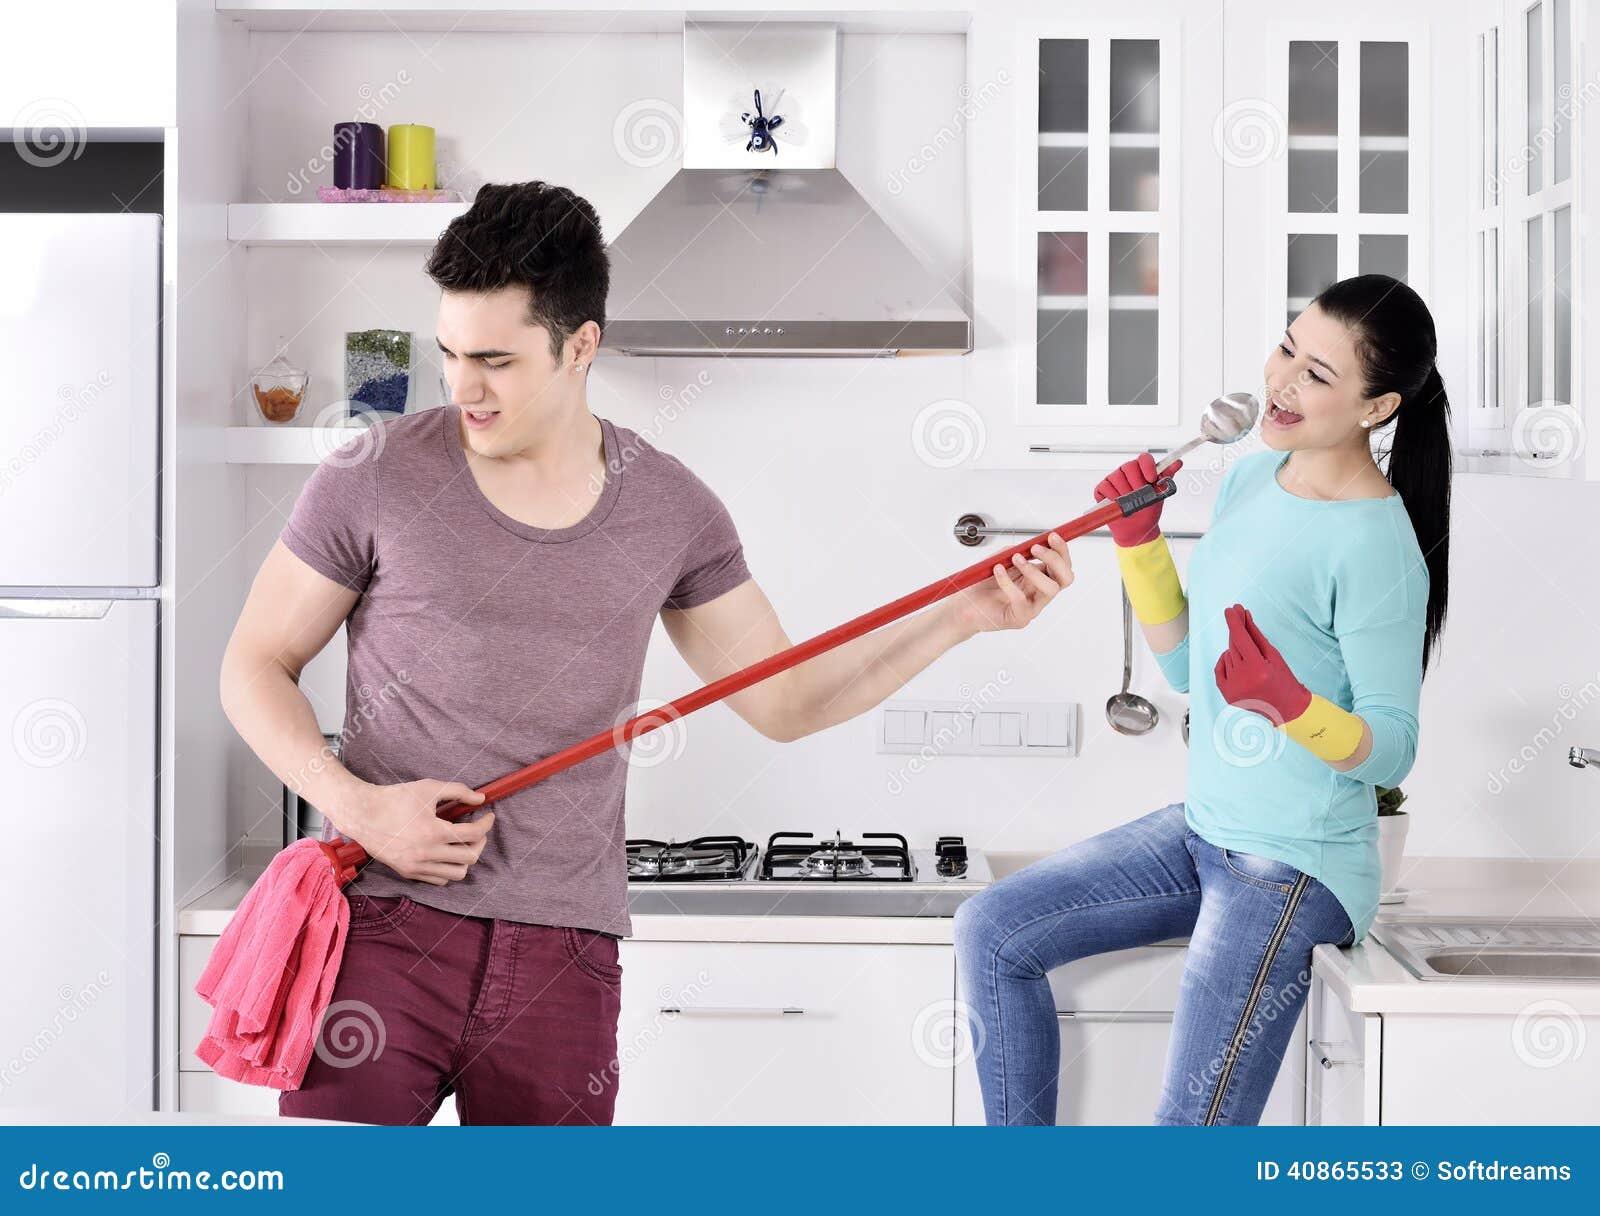 Limpiar la casa cmo limpiar la casa sin daar tu salud - Limpiar la casa de barbie ...